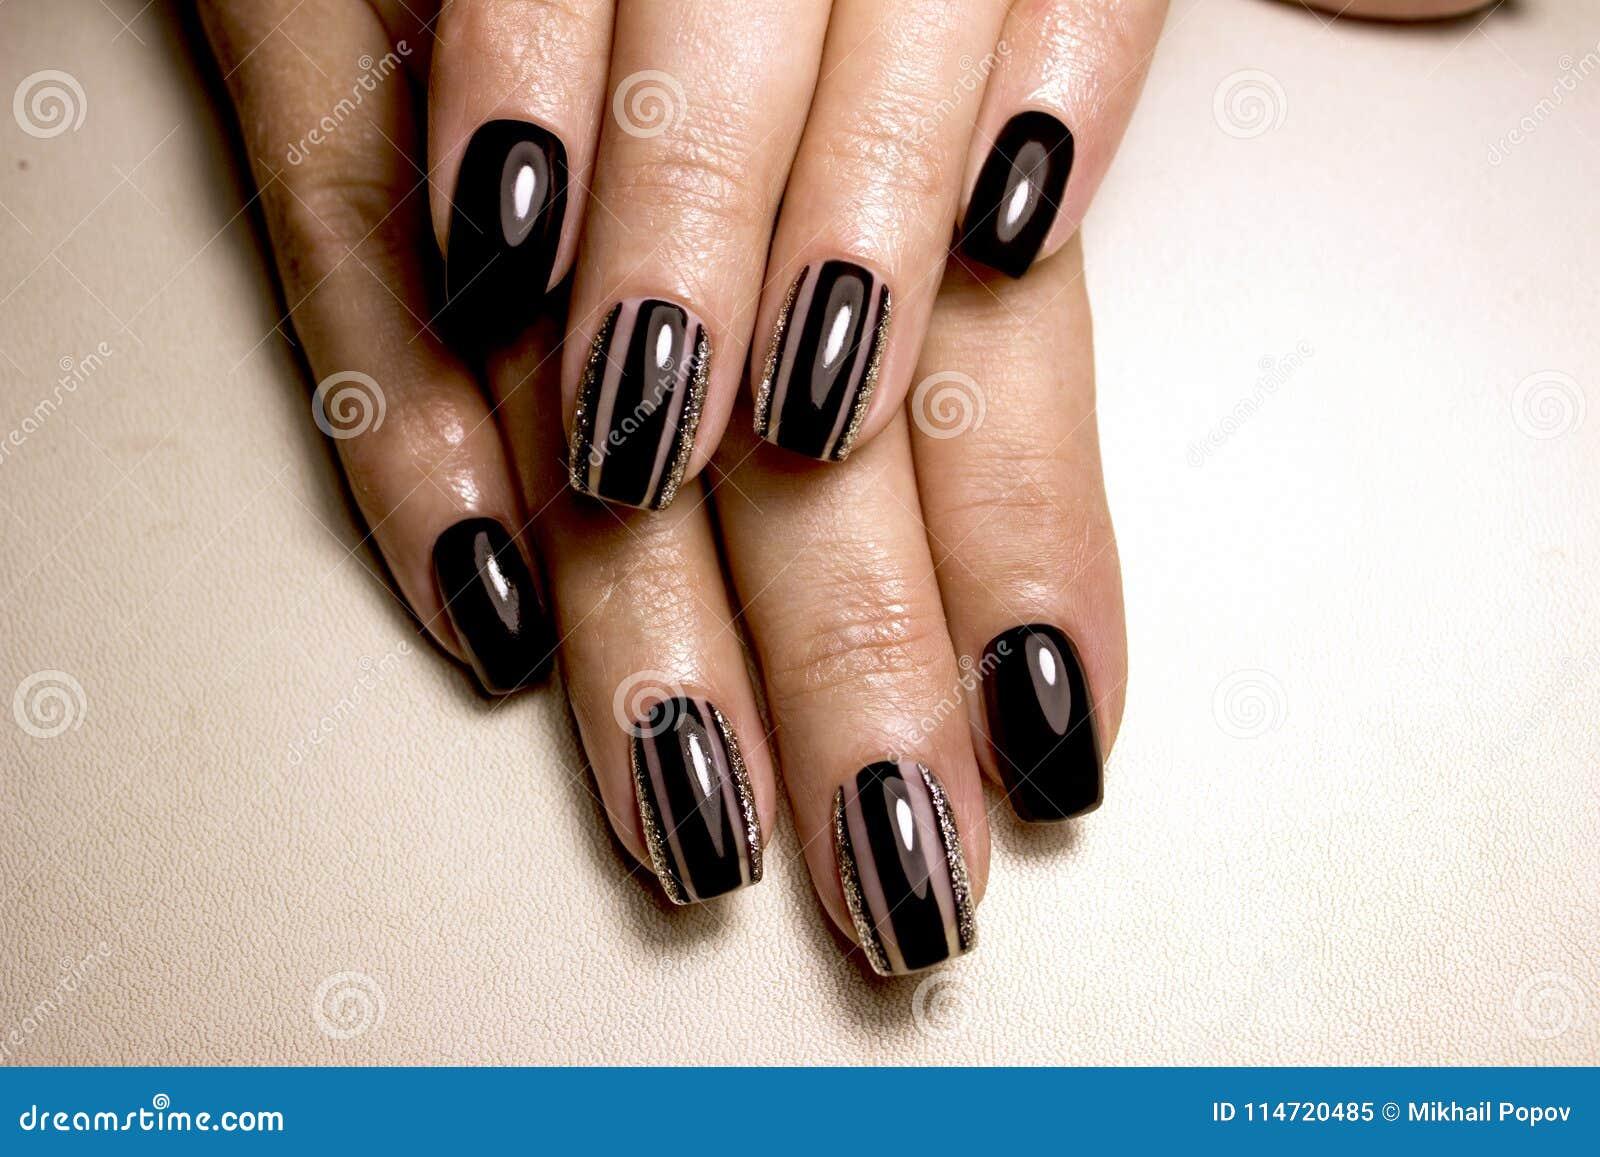 Czarny lakier do paznokci Robiący manikiur gwóźdź z czarnym gwoździa połyskiem Manicure z ciemny nailpolish Czarny gwóźdź sztuki